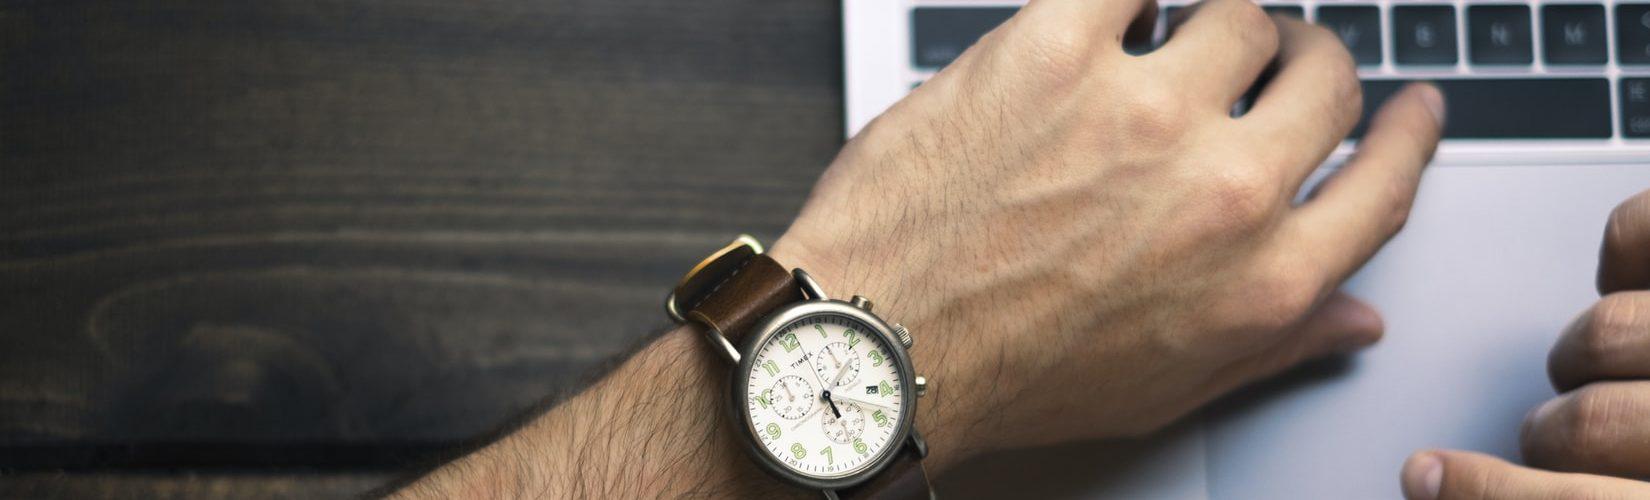 horloge-laptop